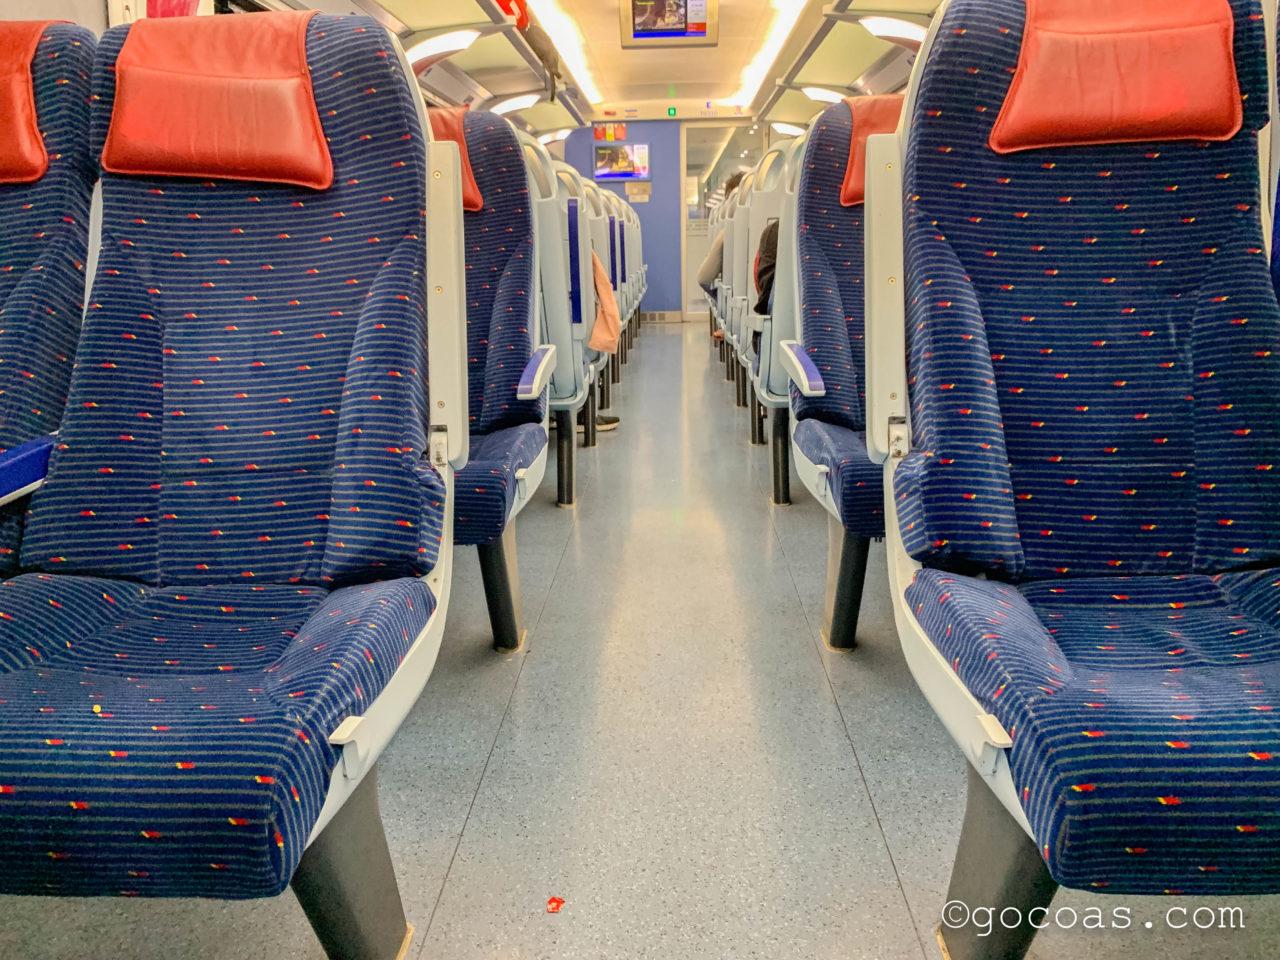 マレー鉄道の車内の座席